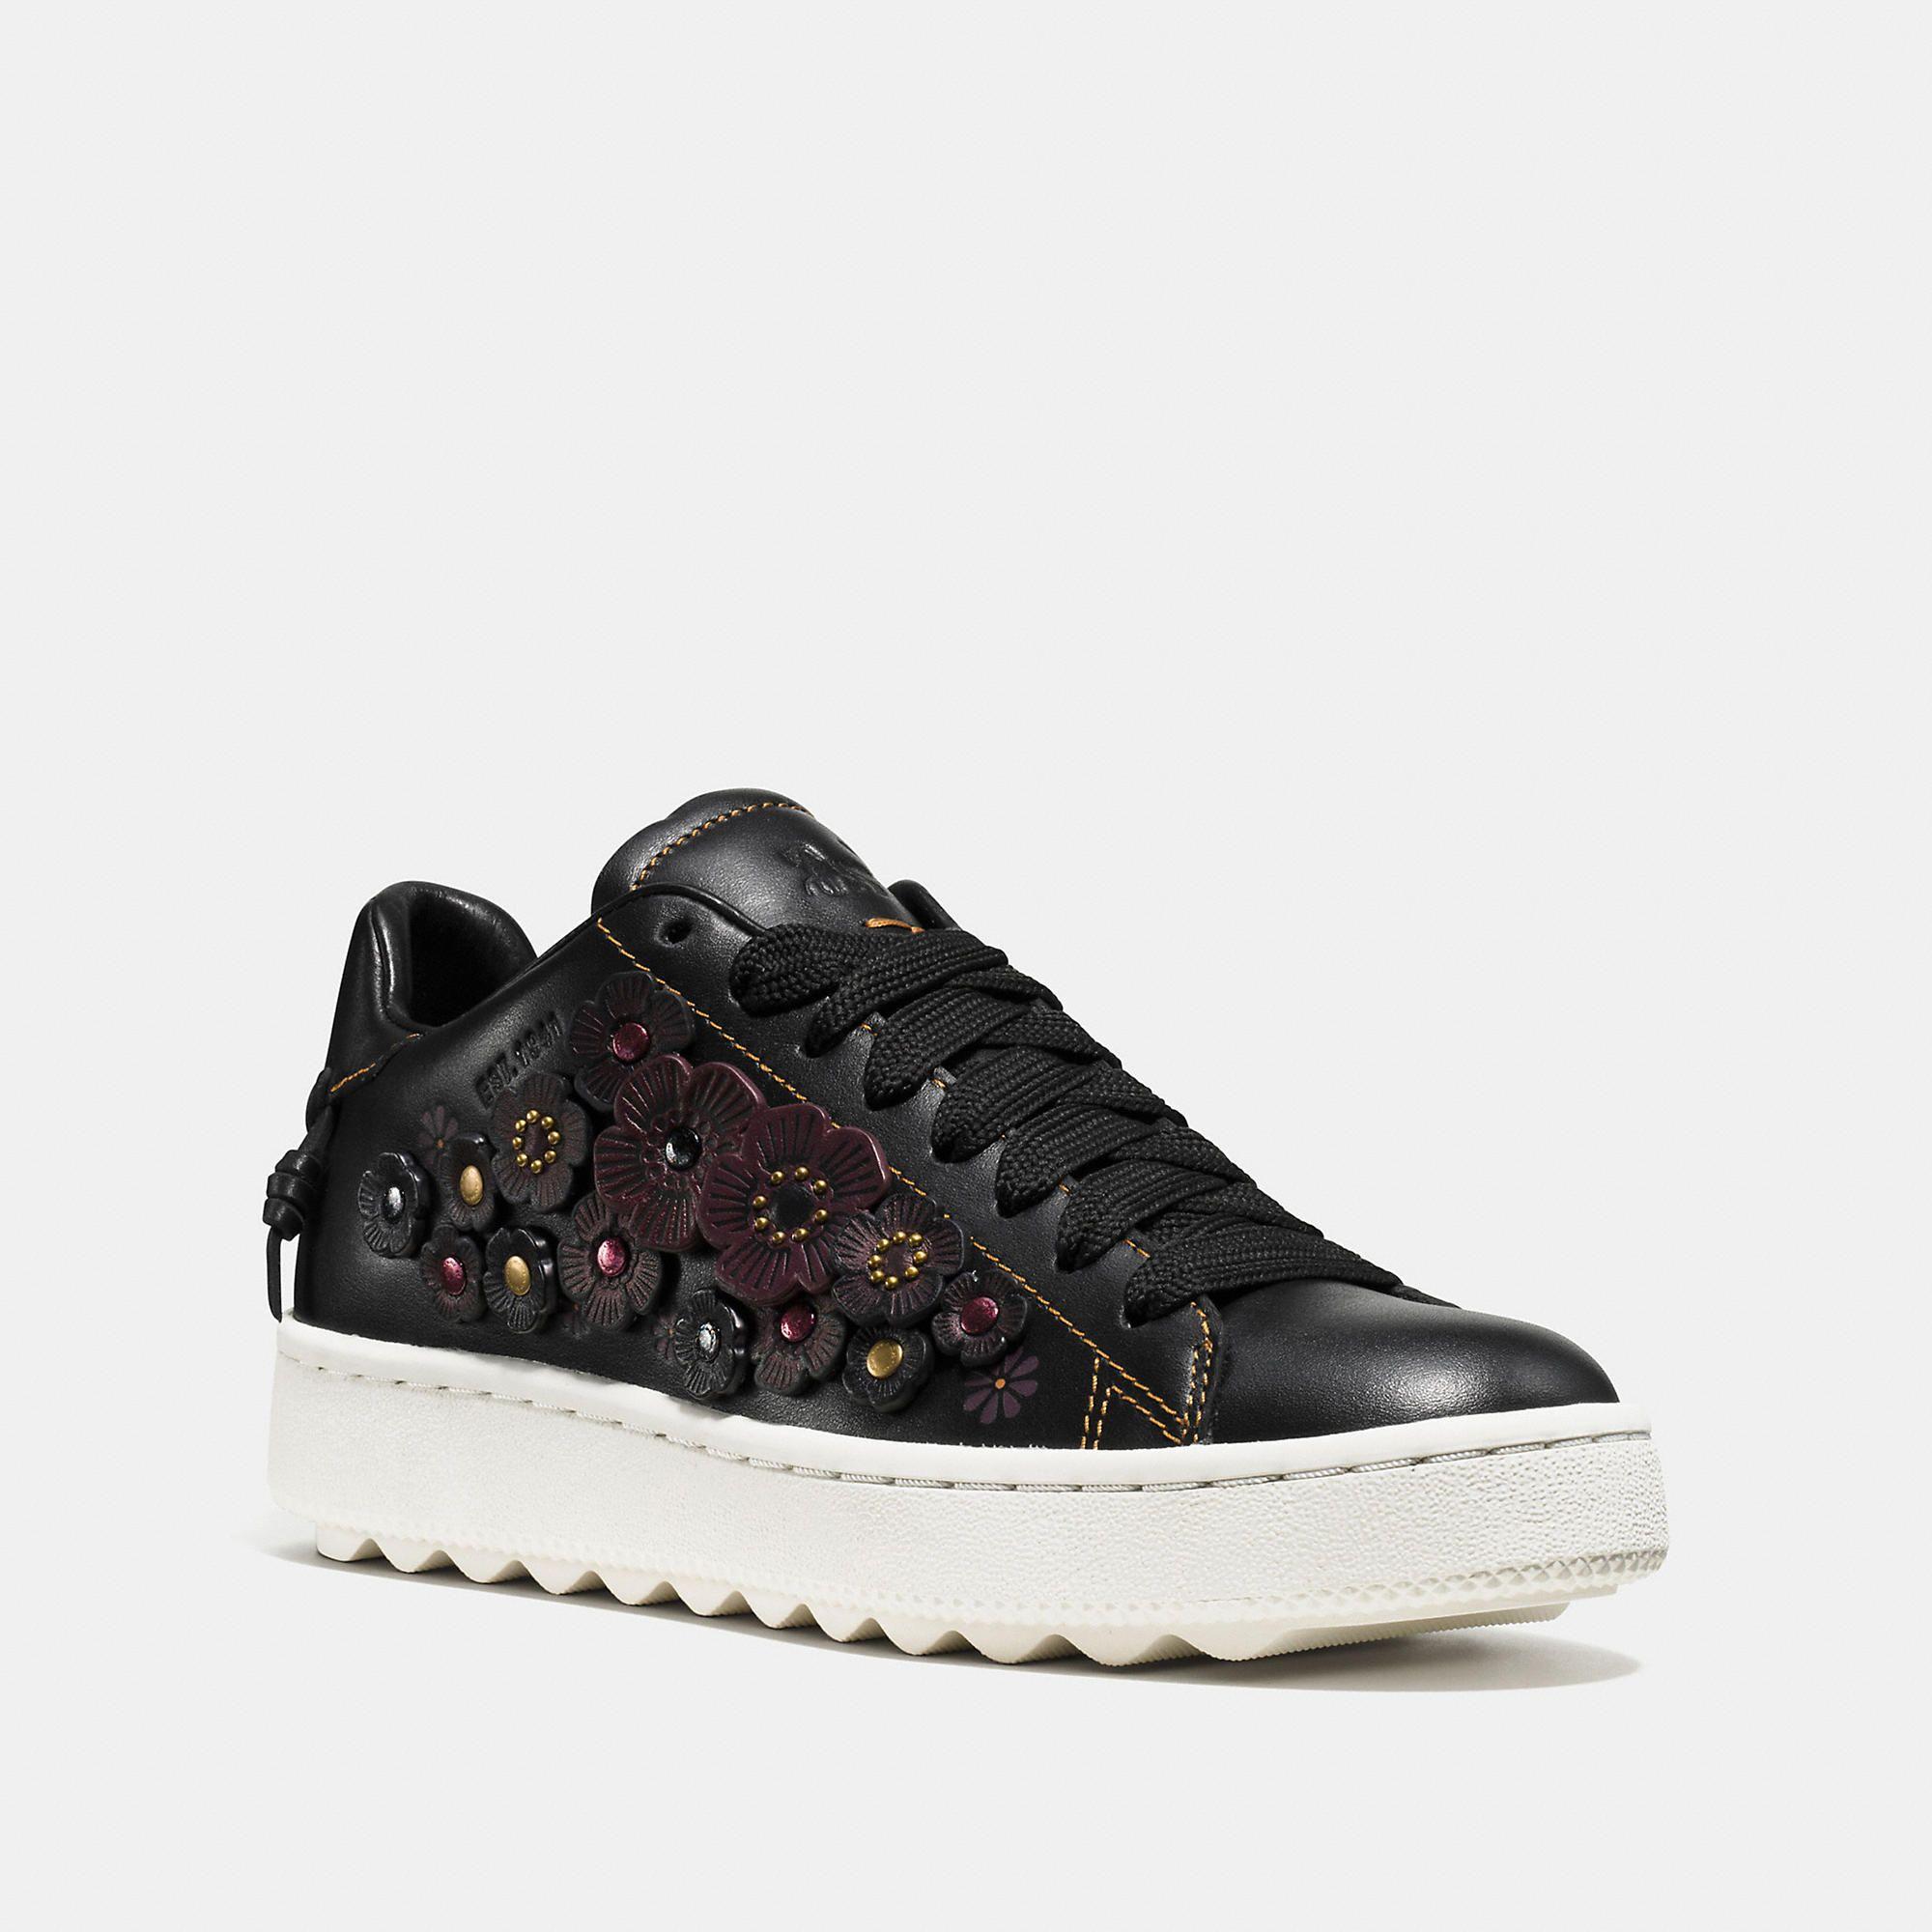 f722e918542547 COACH C101 Low Top Sneaker - Women s Size 6.5 Tennis Shoes ...